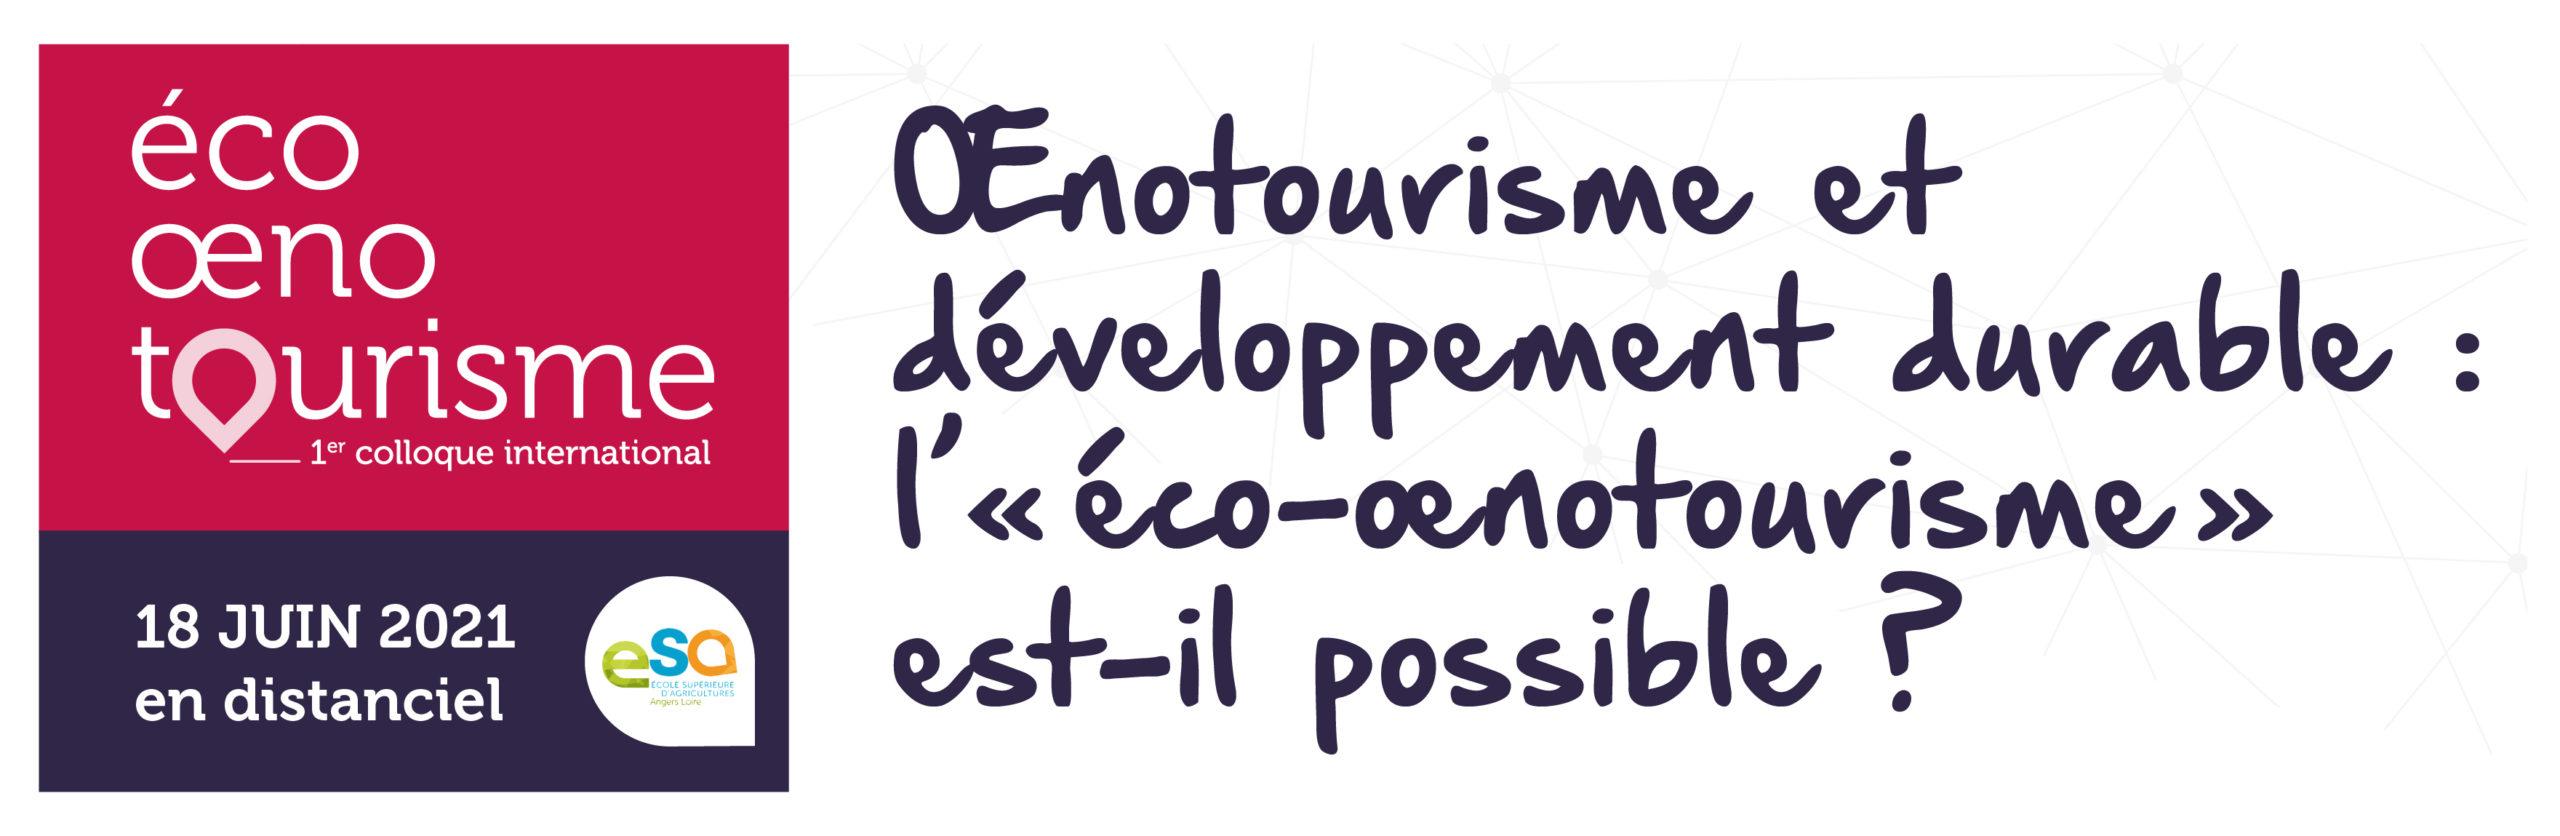 Œnotourisme et développement durable, l'éco-œnotourisme  est-il possible ? - Partenaires du Tourisme en Anjou